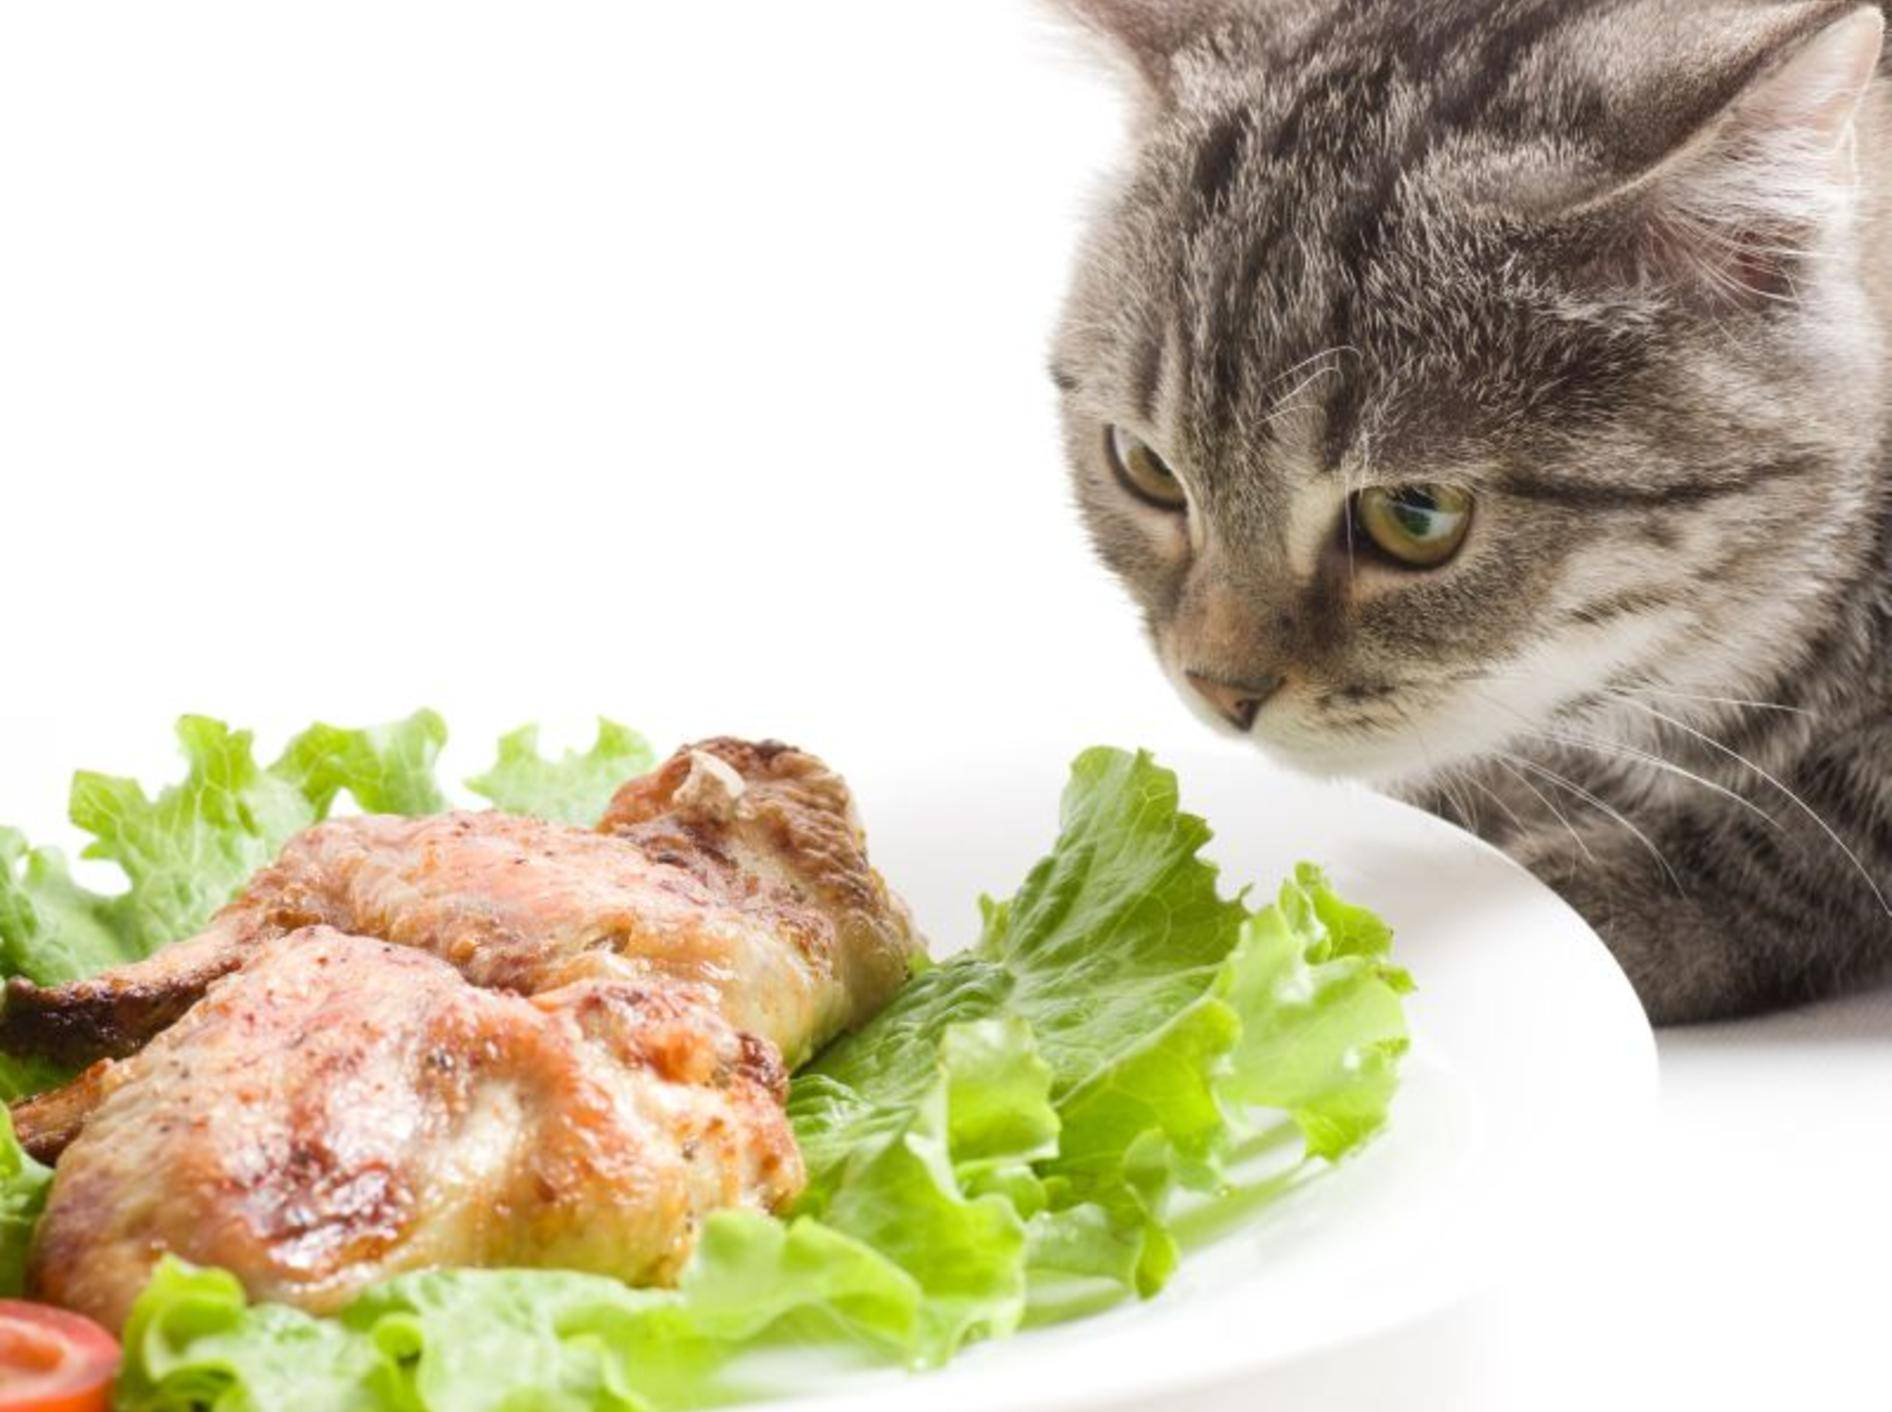 Getigerte Katze mit Salat und Fleisch